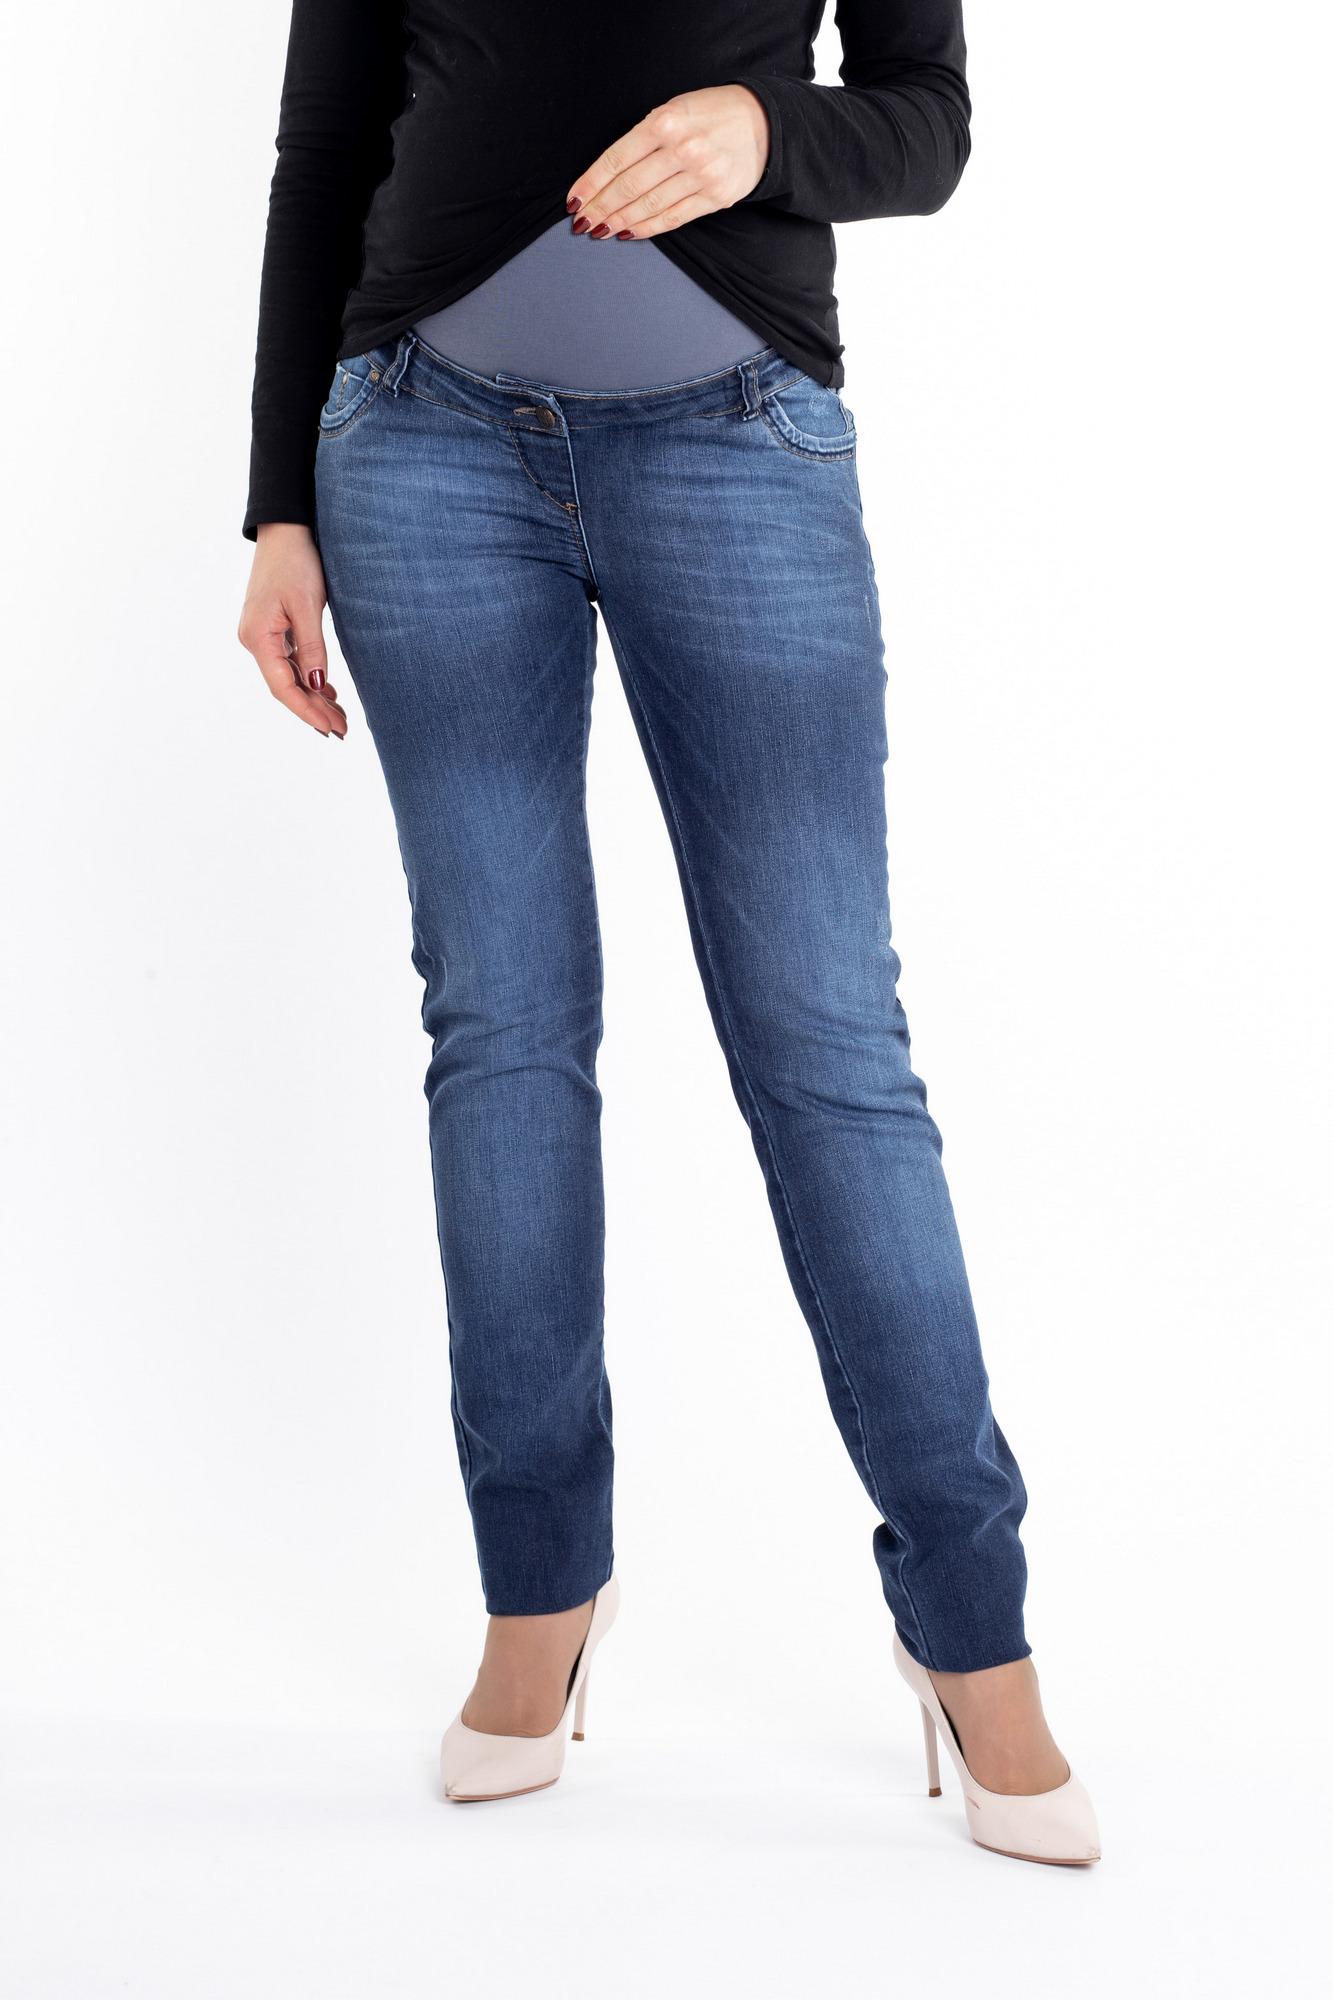 Фото джинсы для беременных MAMA`S FANTASY, зауженные, средняя посадка, высокая вставка от магазина СкороМама, синий, размеры.